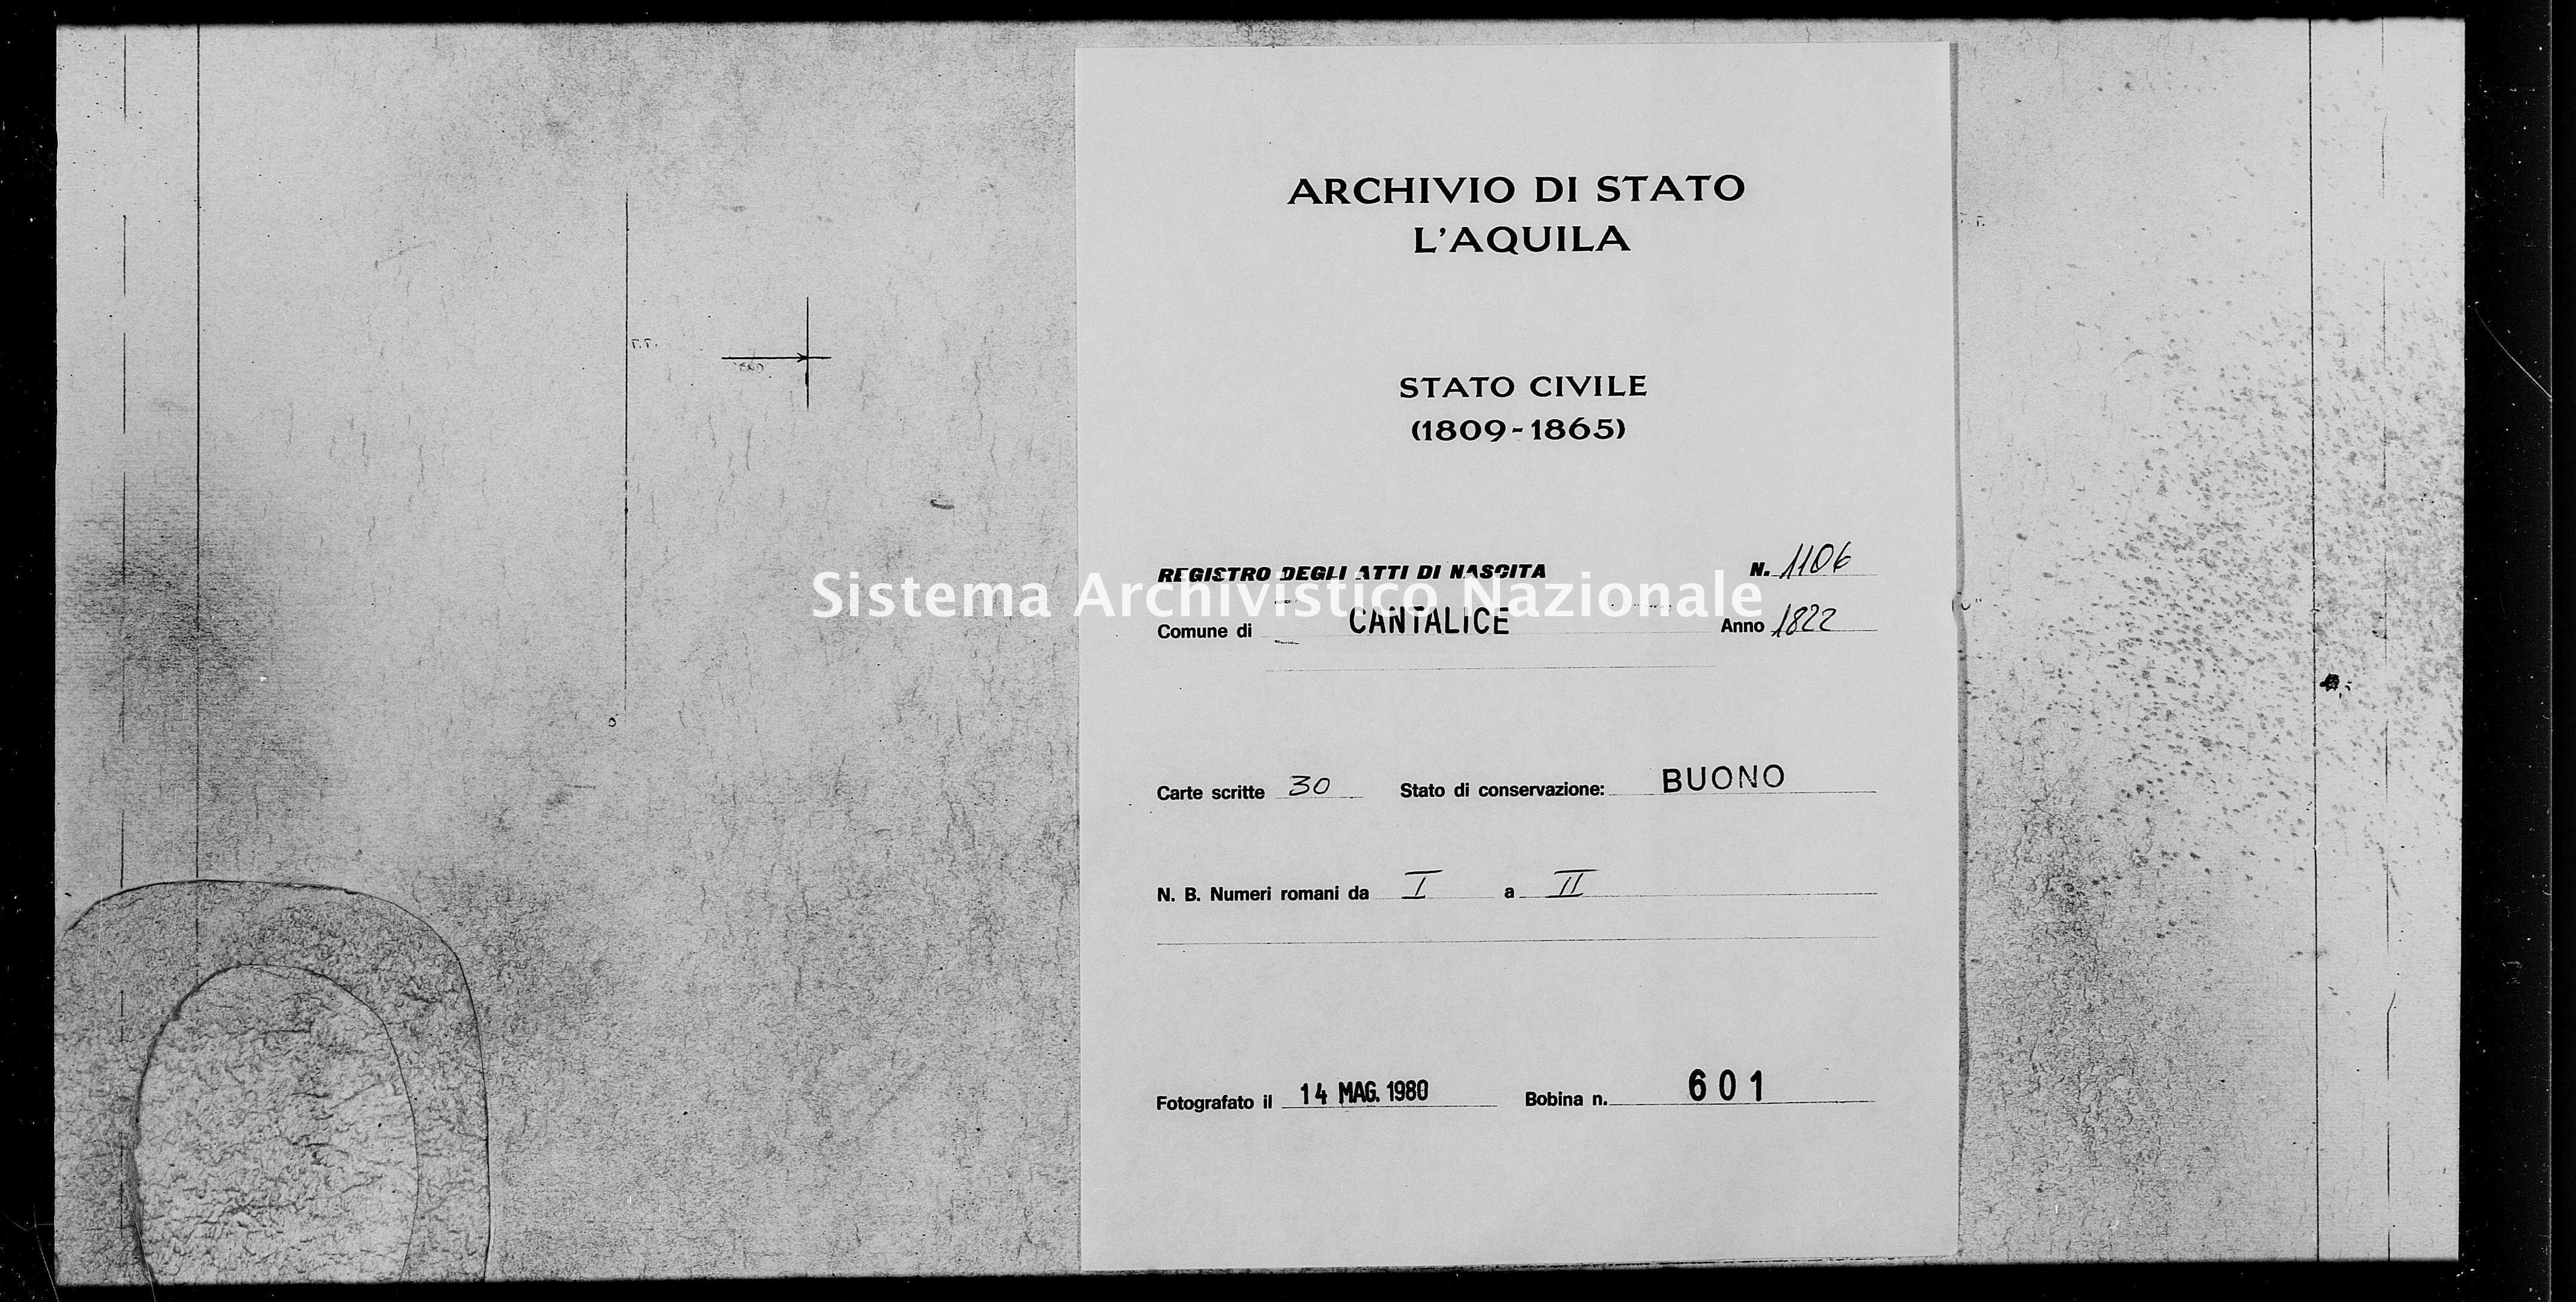 Archivio di stato di L'aquila - Stato civile della restaurazione - Cantalice - Nati - 1822 - 1106 -